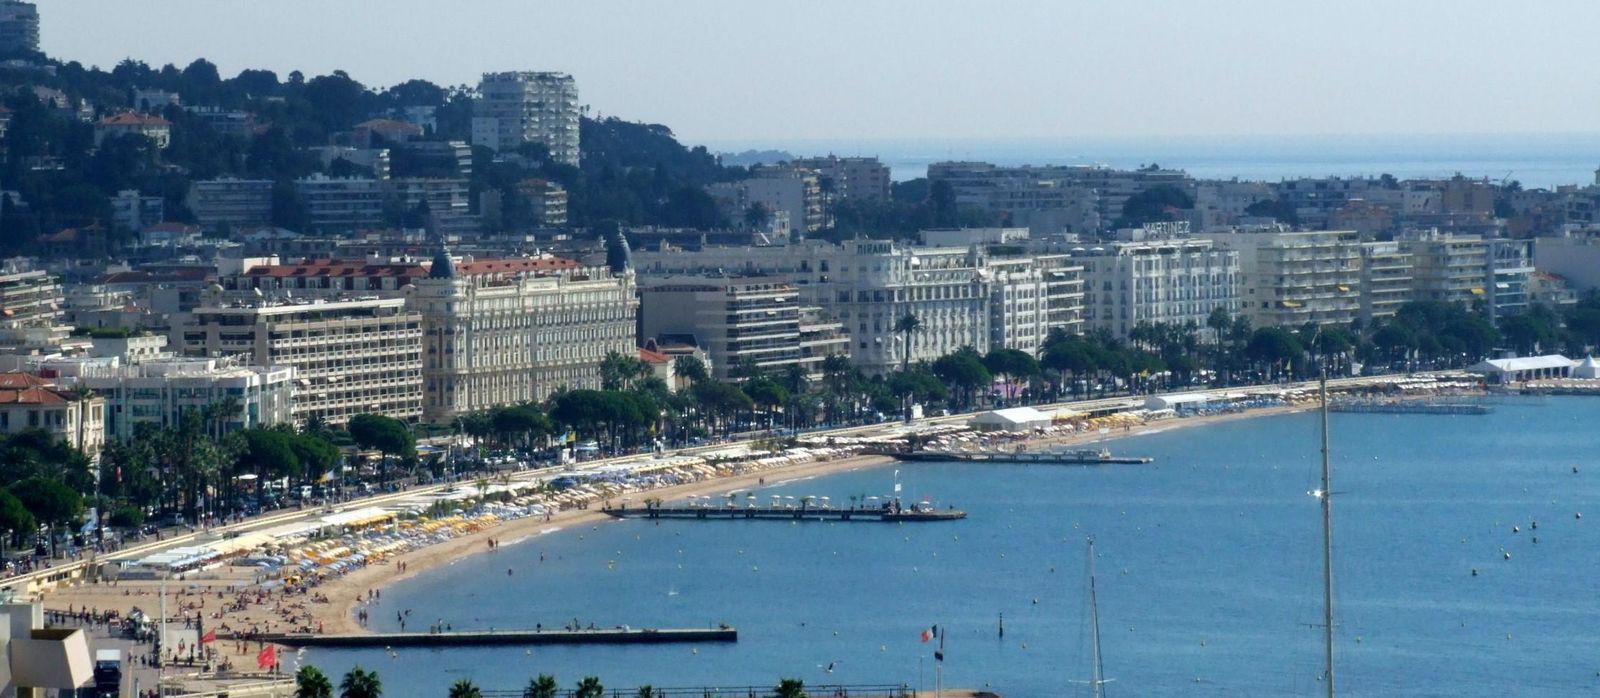 Boulevard de la Croisette_Cannes